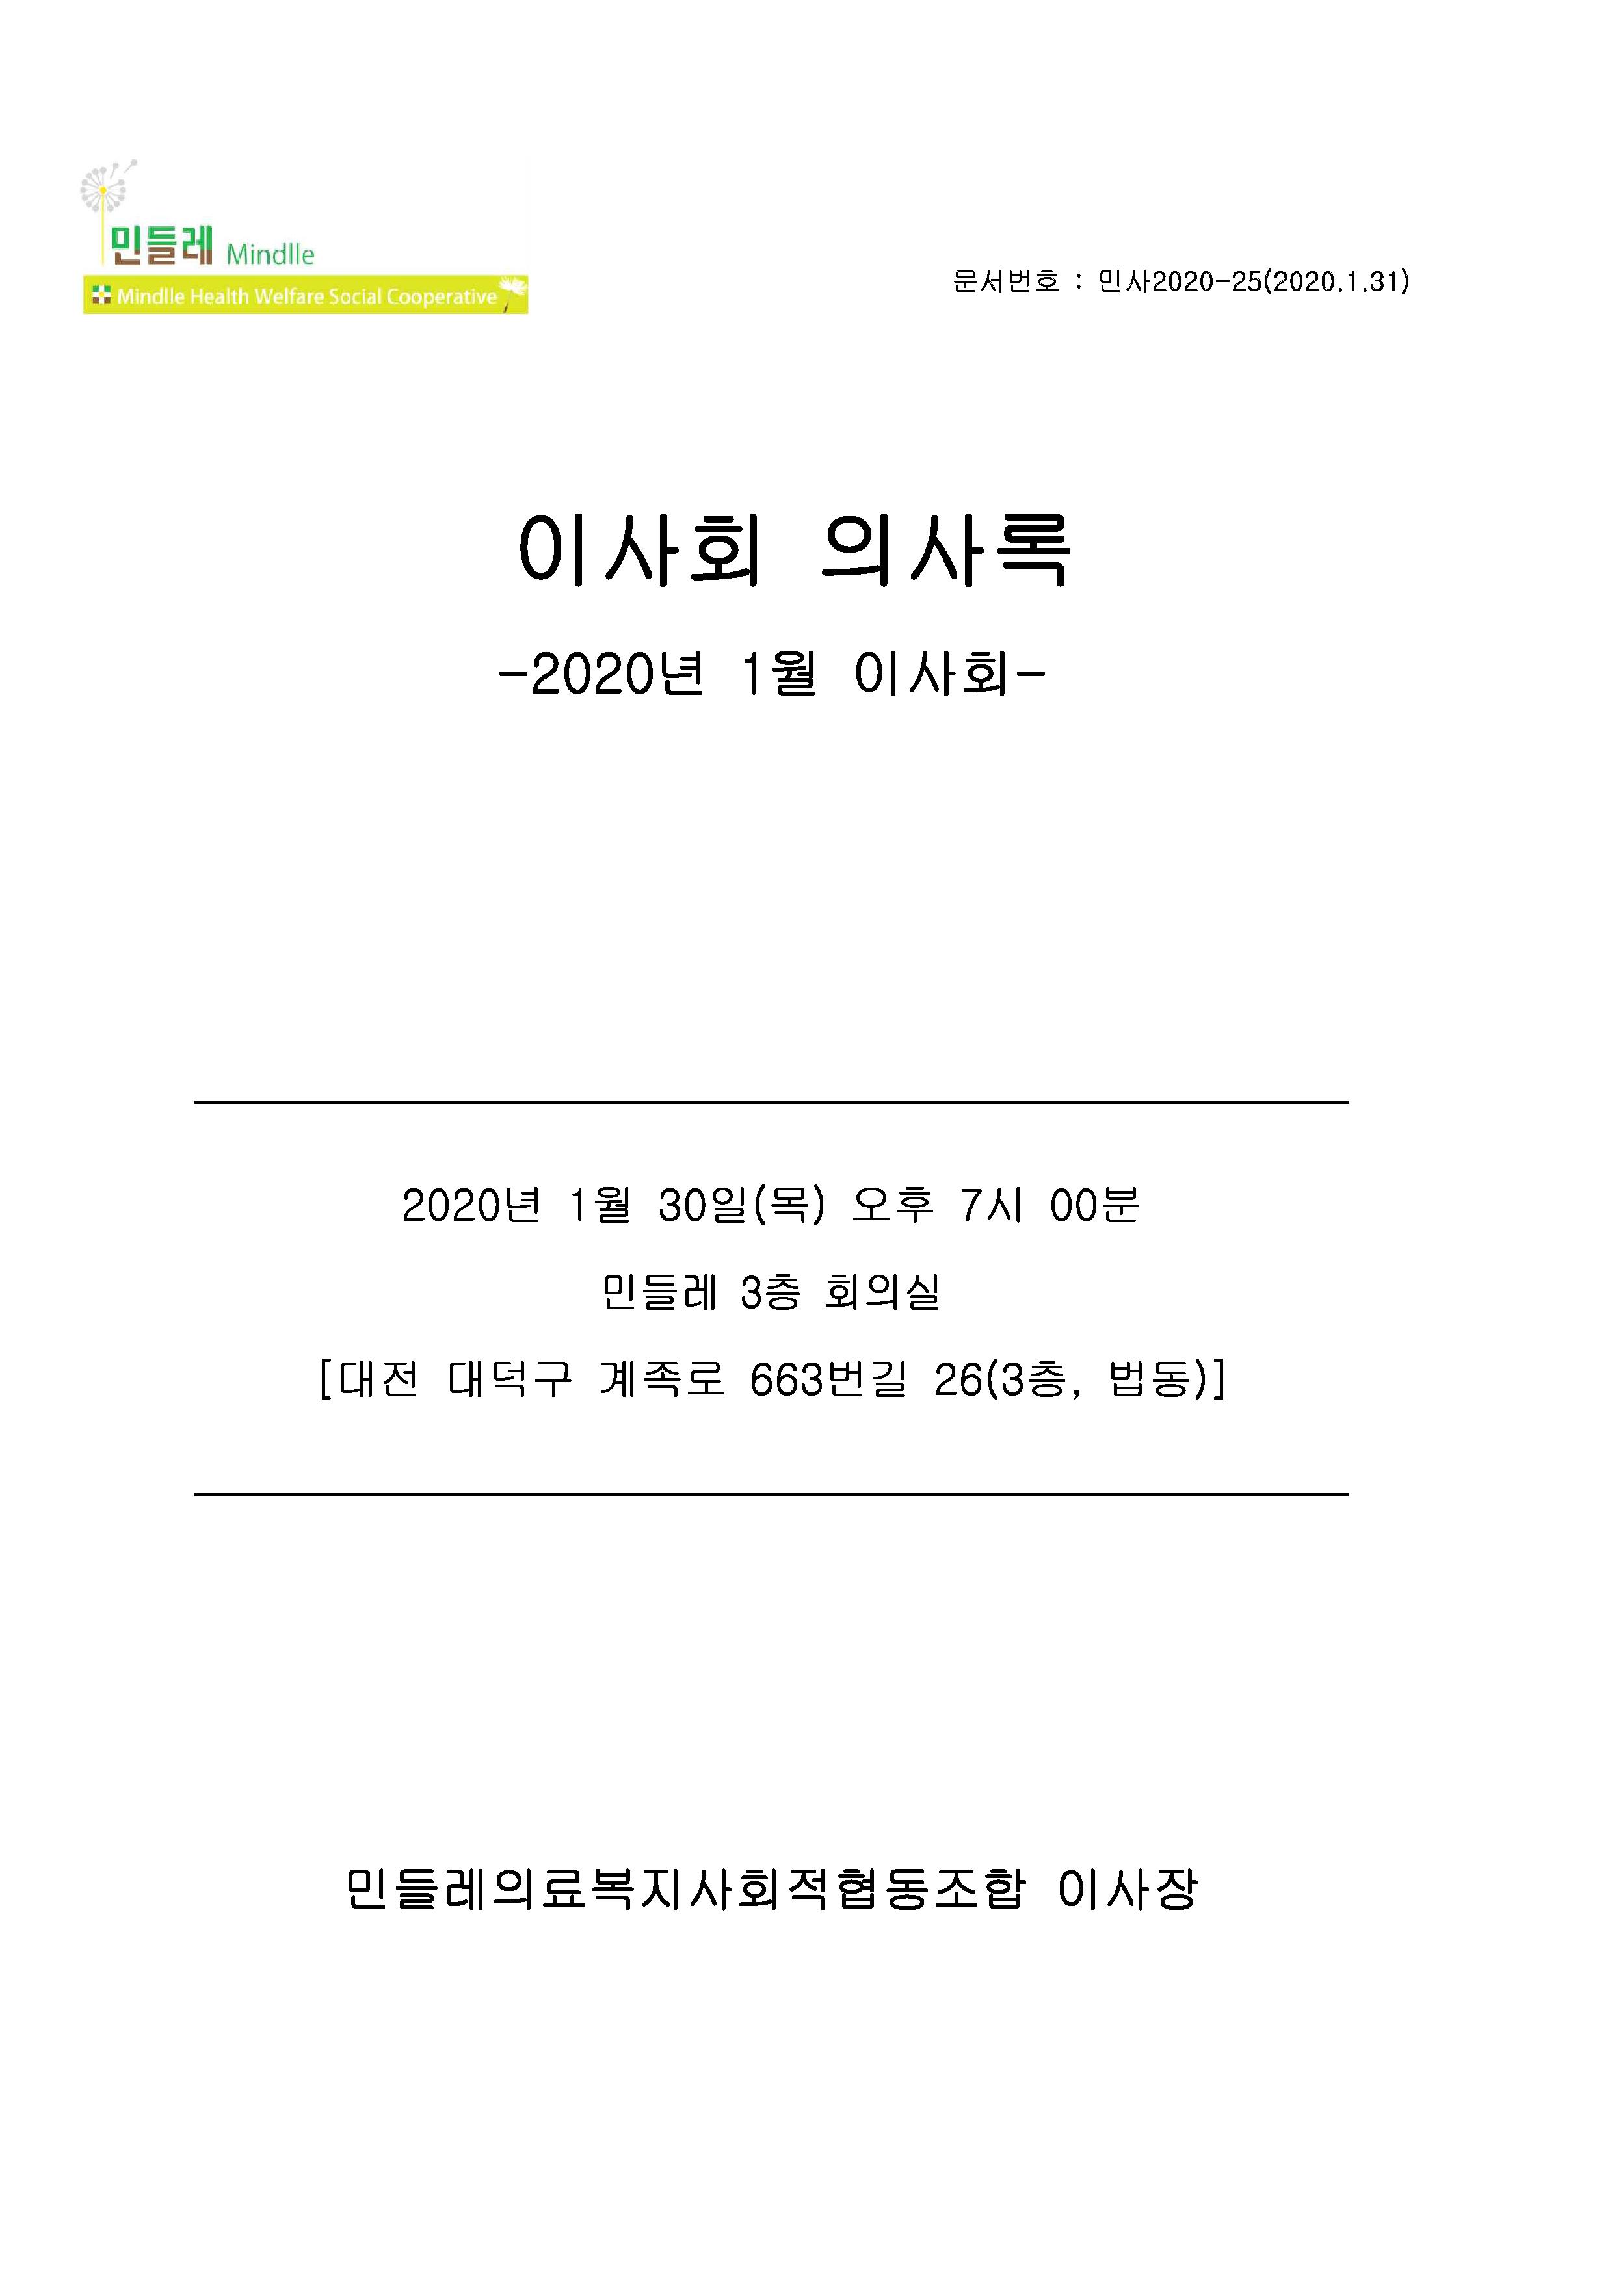 1 20200130 이사회 의사록-완료_페이지_01.png